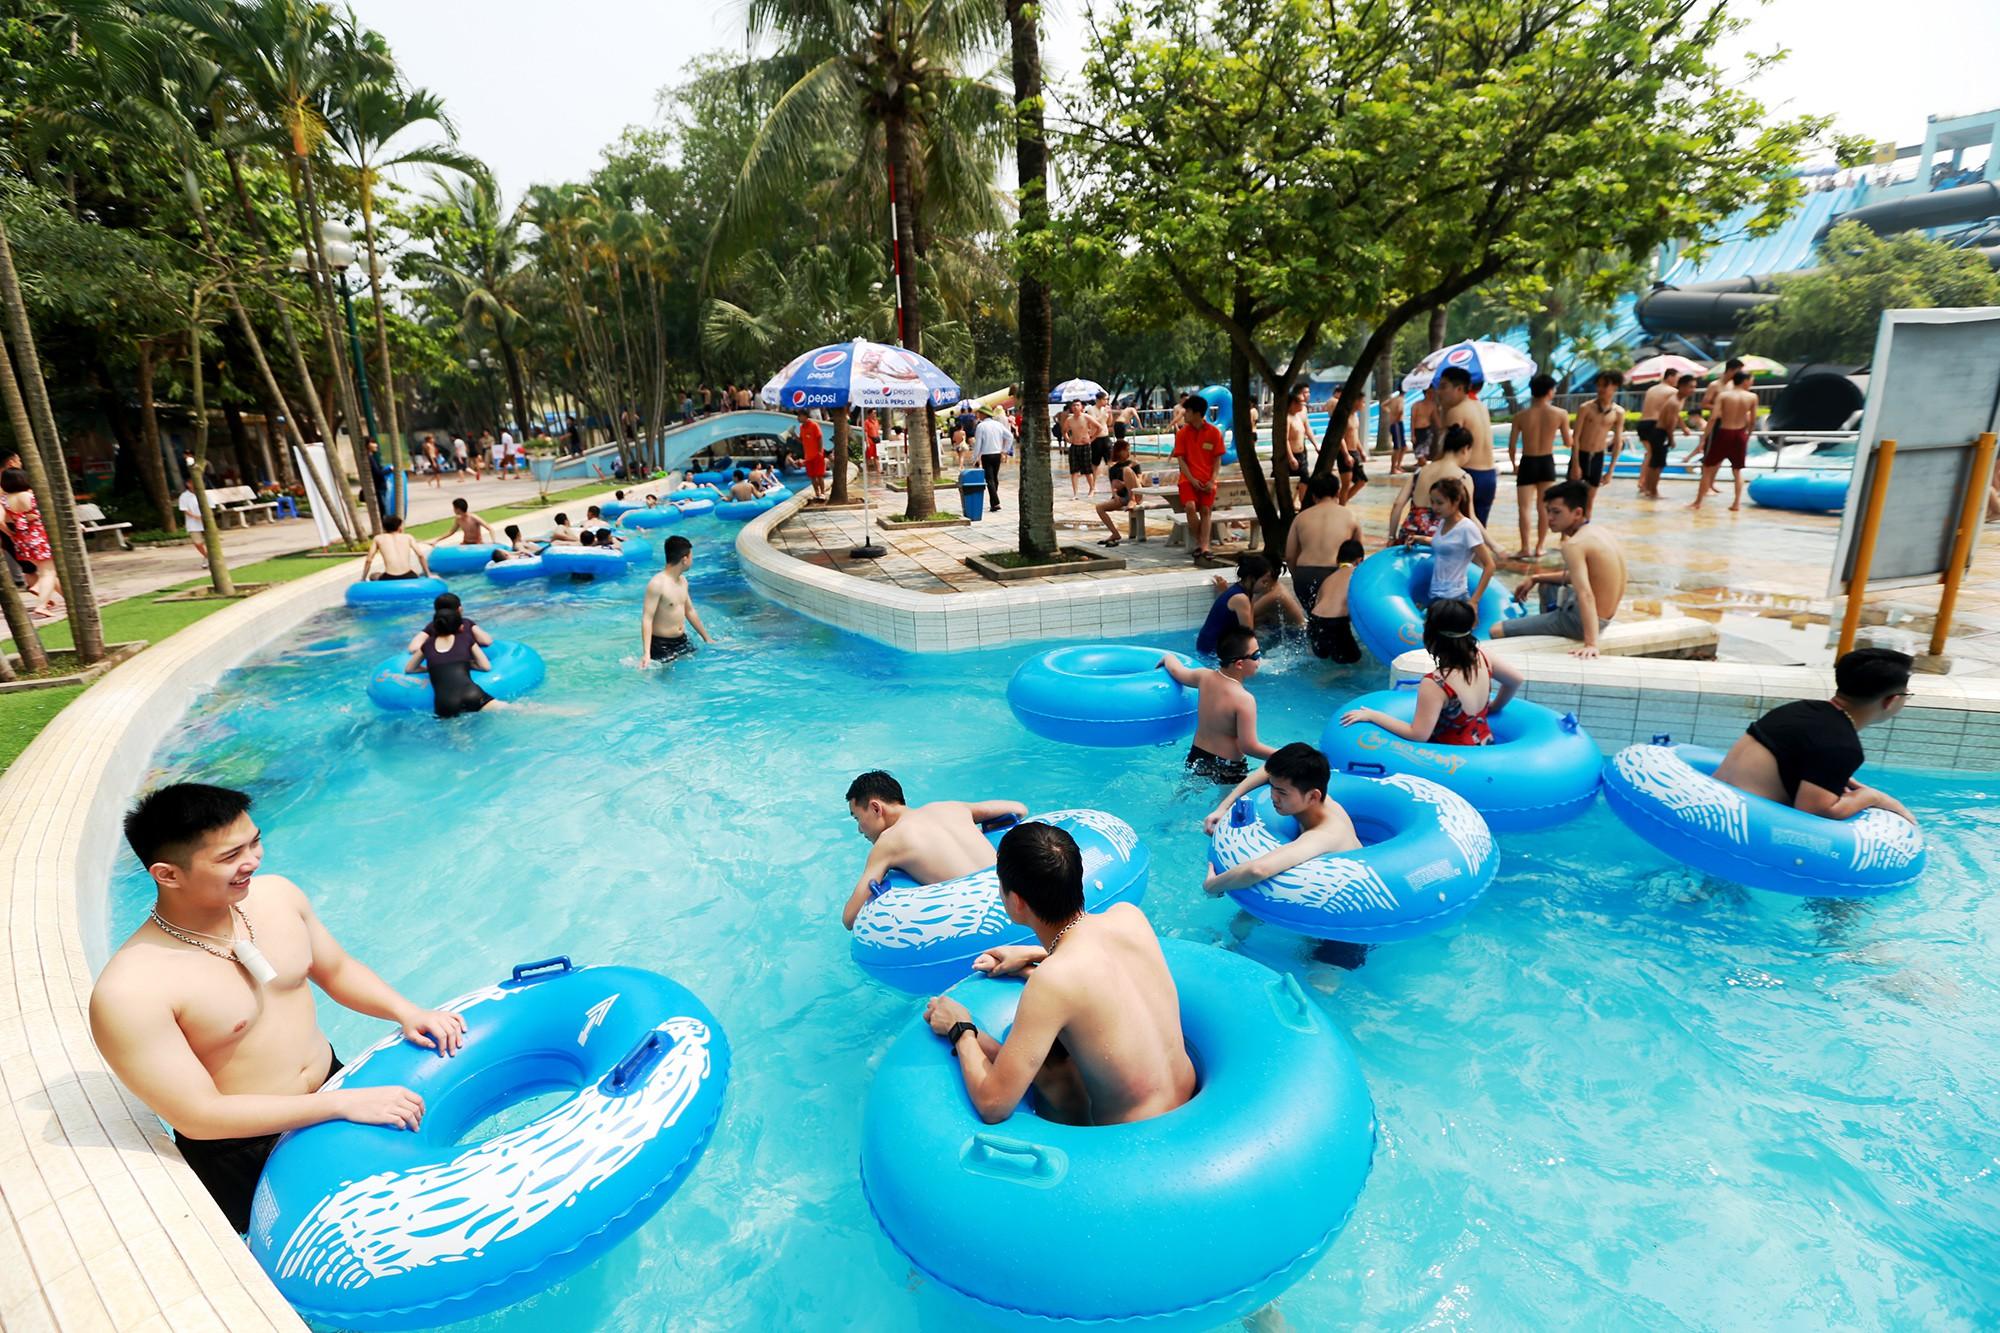 Hà Nội: Gần 1 vạn người đổ về công viên Hồ Tây ngày cuối tuần - Ảnh 6.